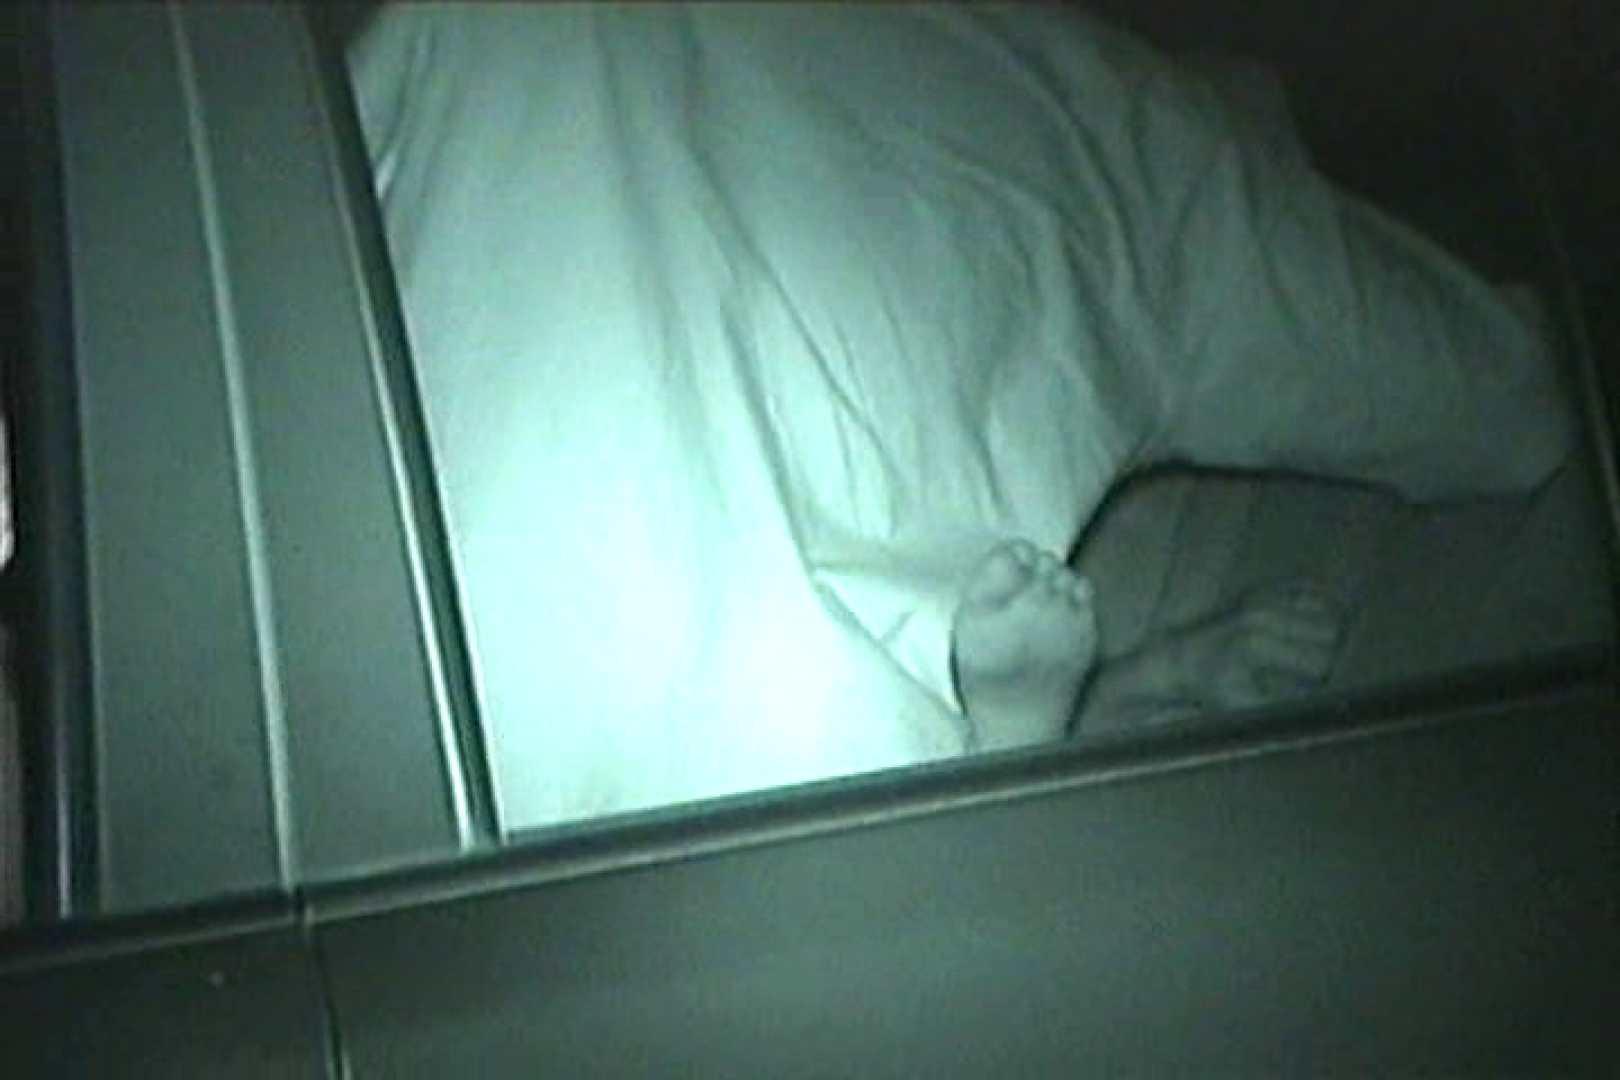 車の中はラブホテル 無修正版  Vol.24 素人  56pic 42